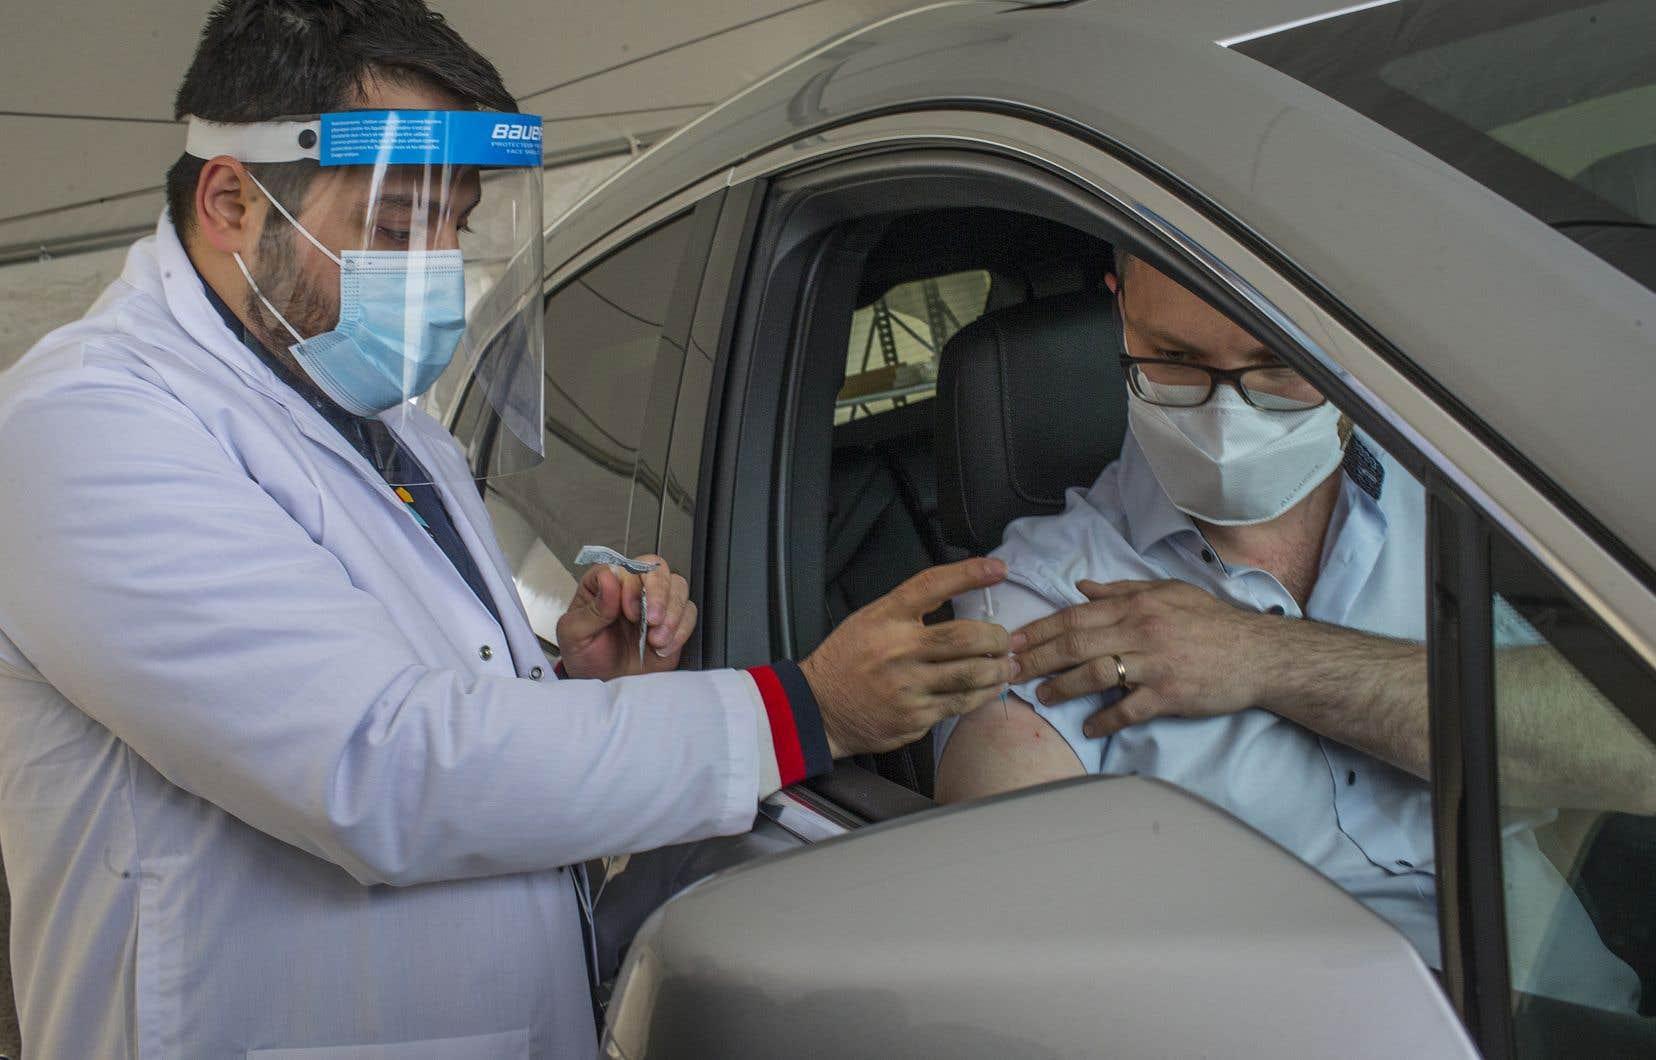 La capacité de vaccination devrait atteindre 4000 personnes par jour lorsque les équipes seront bien rodées.